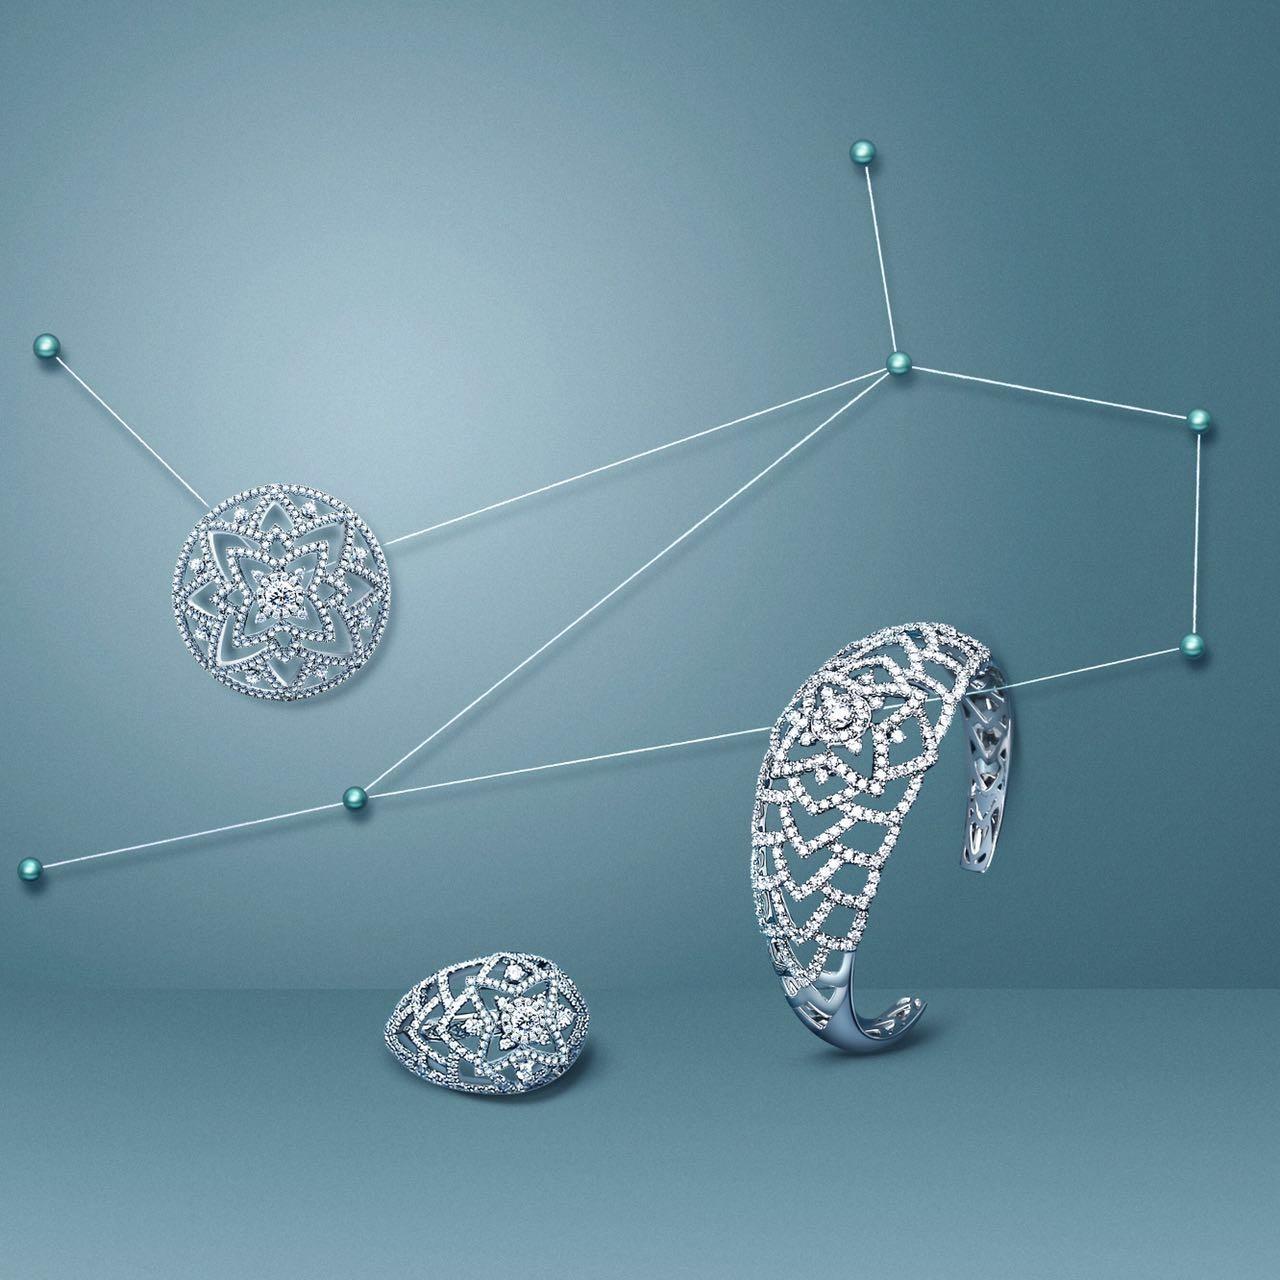 新三板千叶珠宝的2017发展战略分析